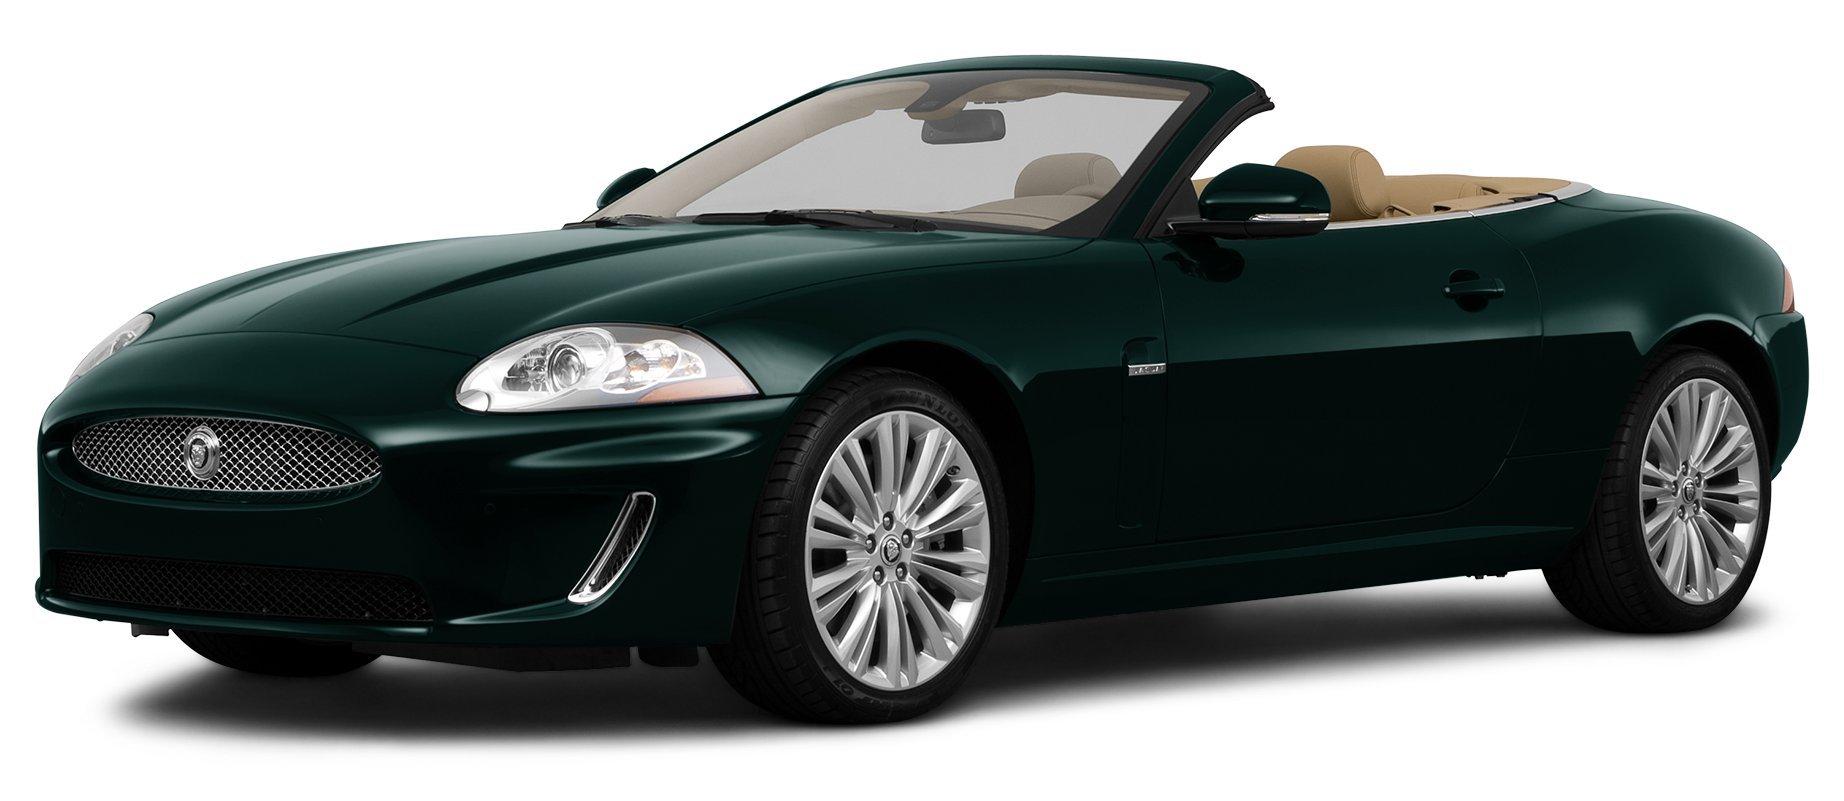 Marvelous ... 2011 Jaguar XK, 2 Door Convertible ...